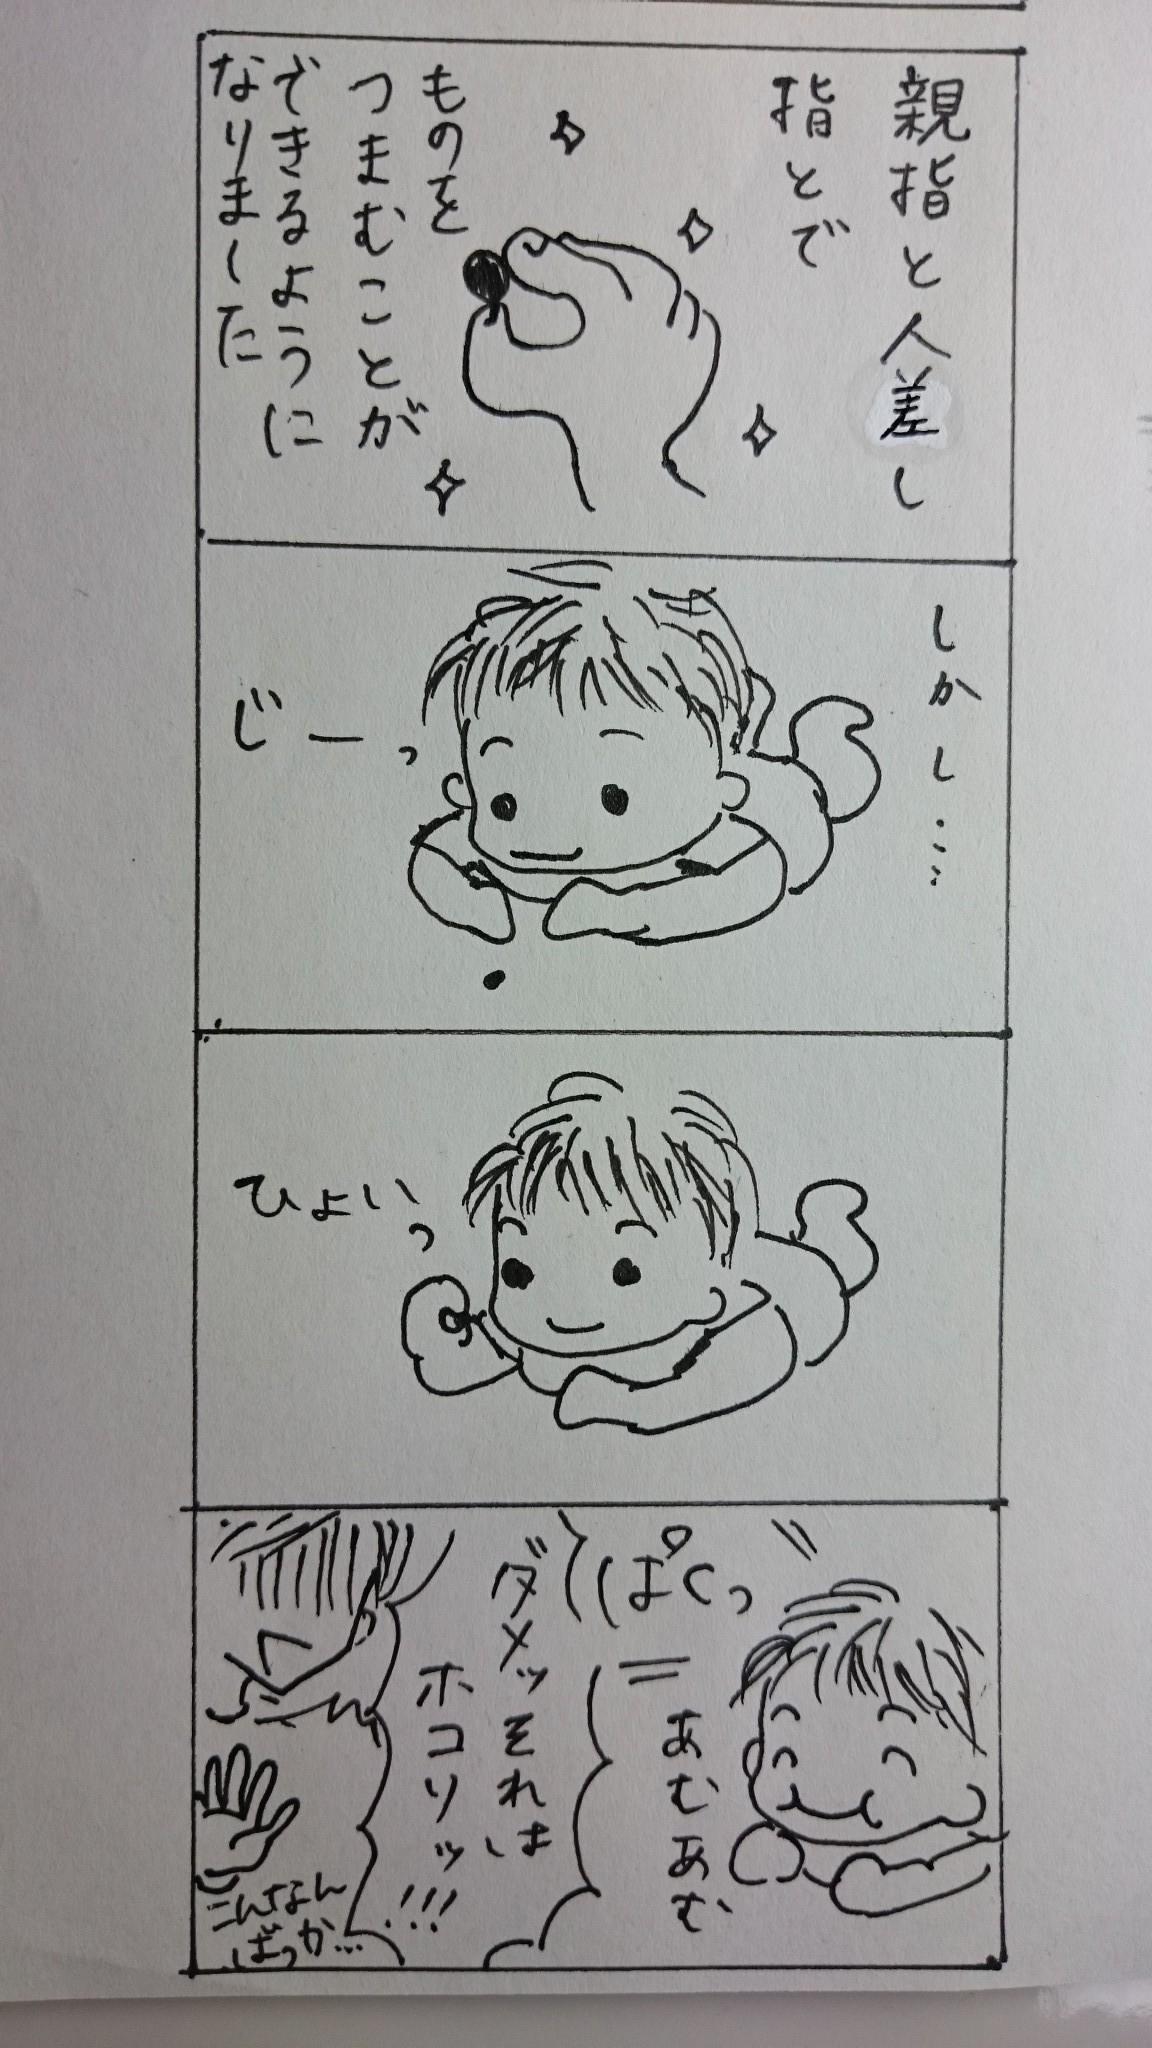 4コママンガ「つまめるよ!」